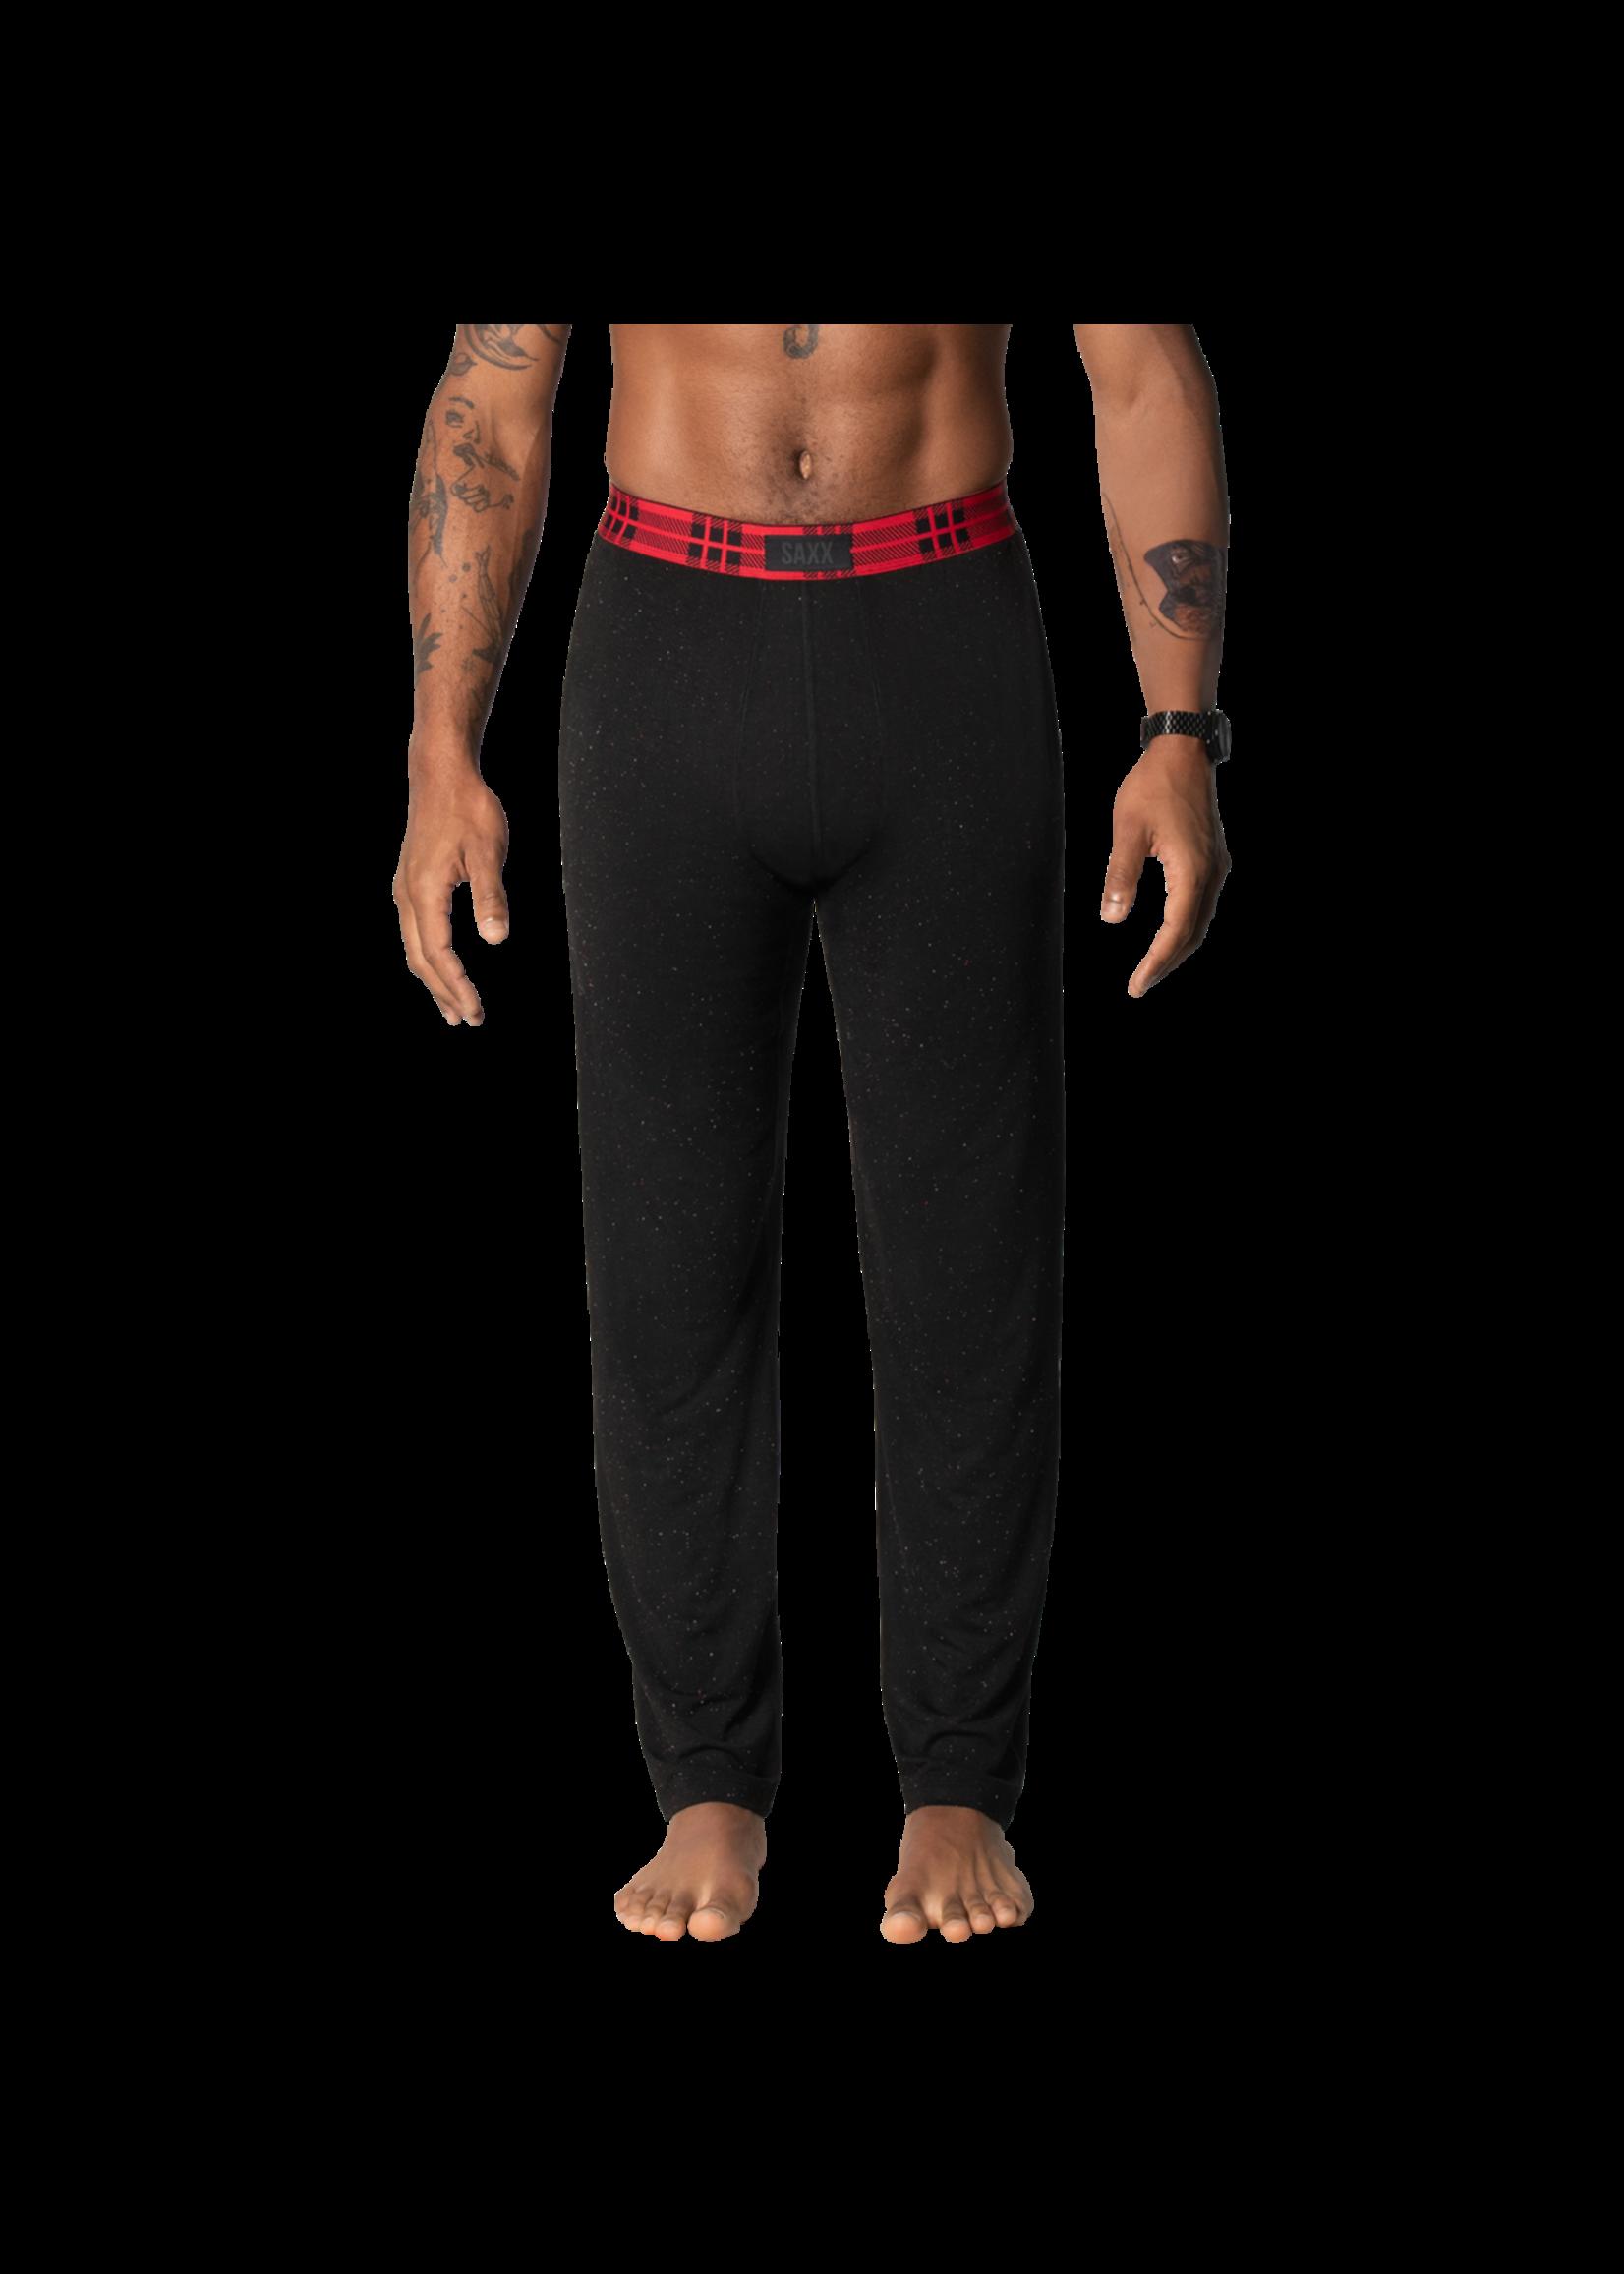 Saxx Underwear Saxx Sleepwalker Pant